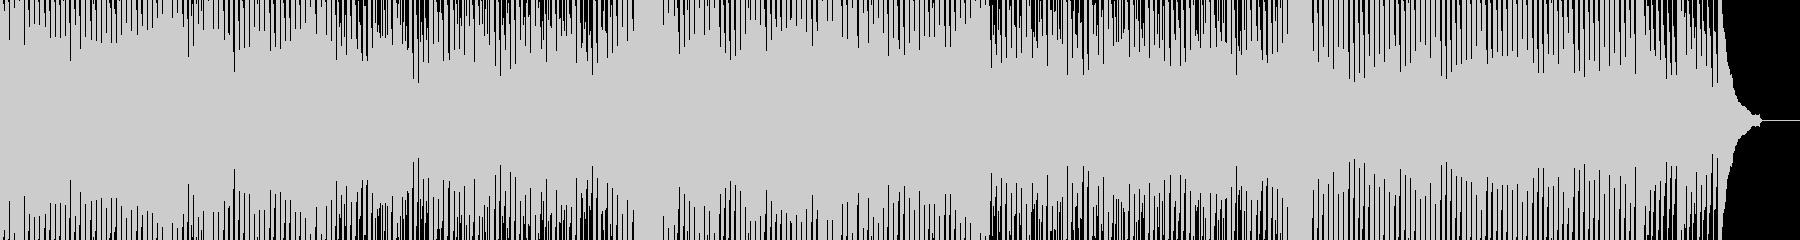 切ない雰囲気のアコギピアノセンチダンスの未再生の波形